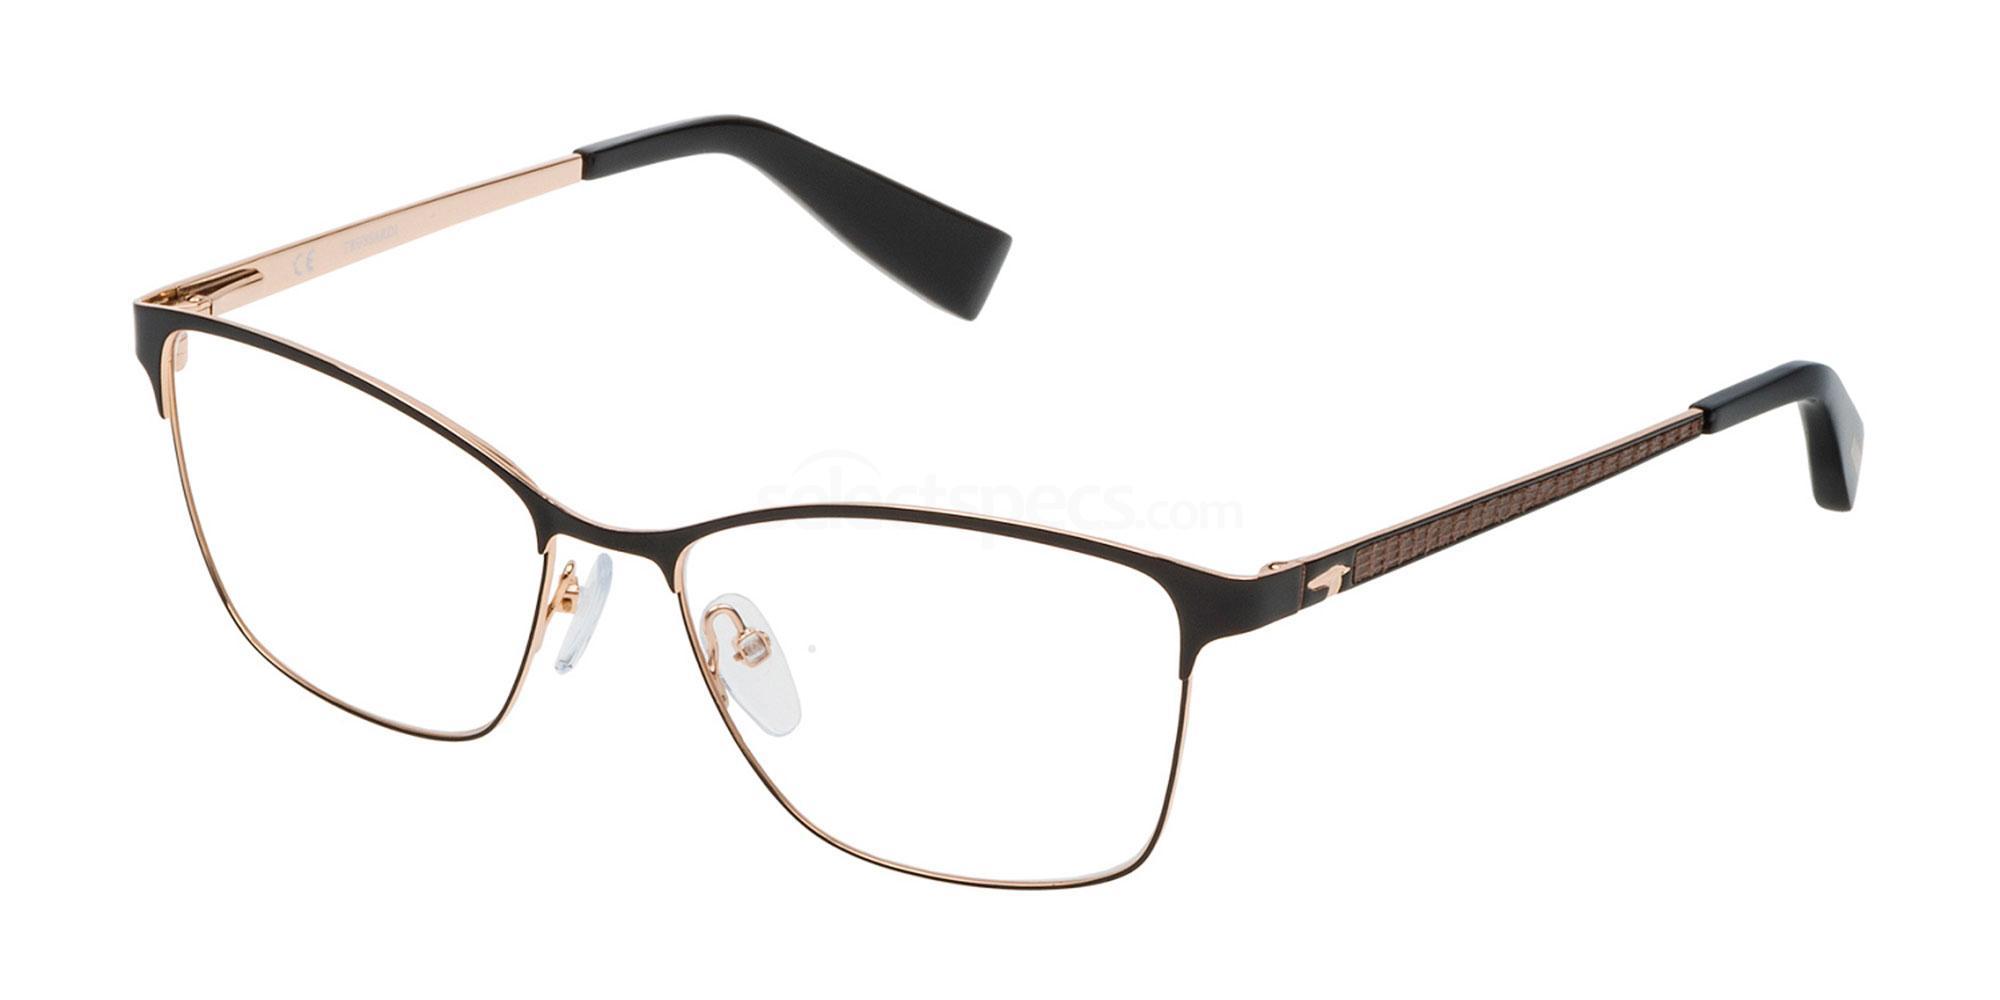 0327 VTR146N Glasses, Trussardi